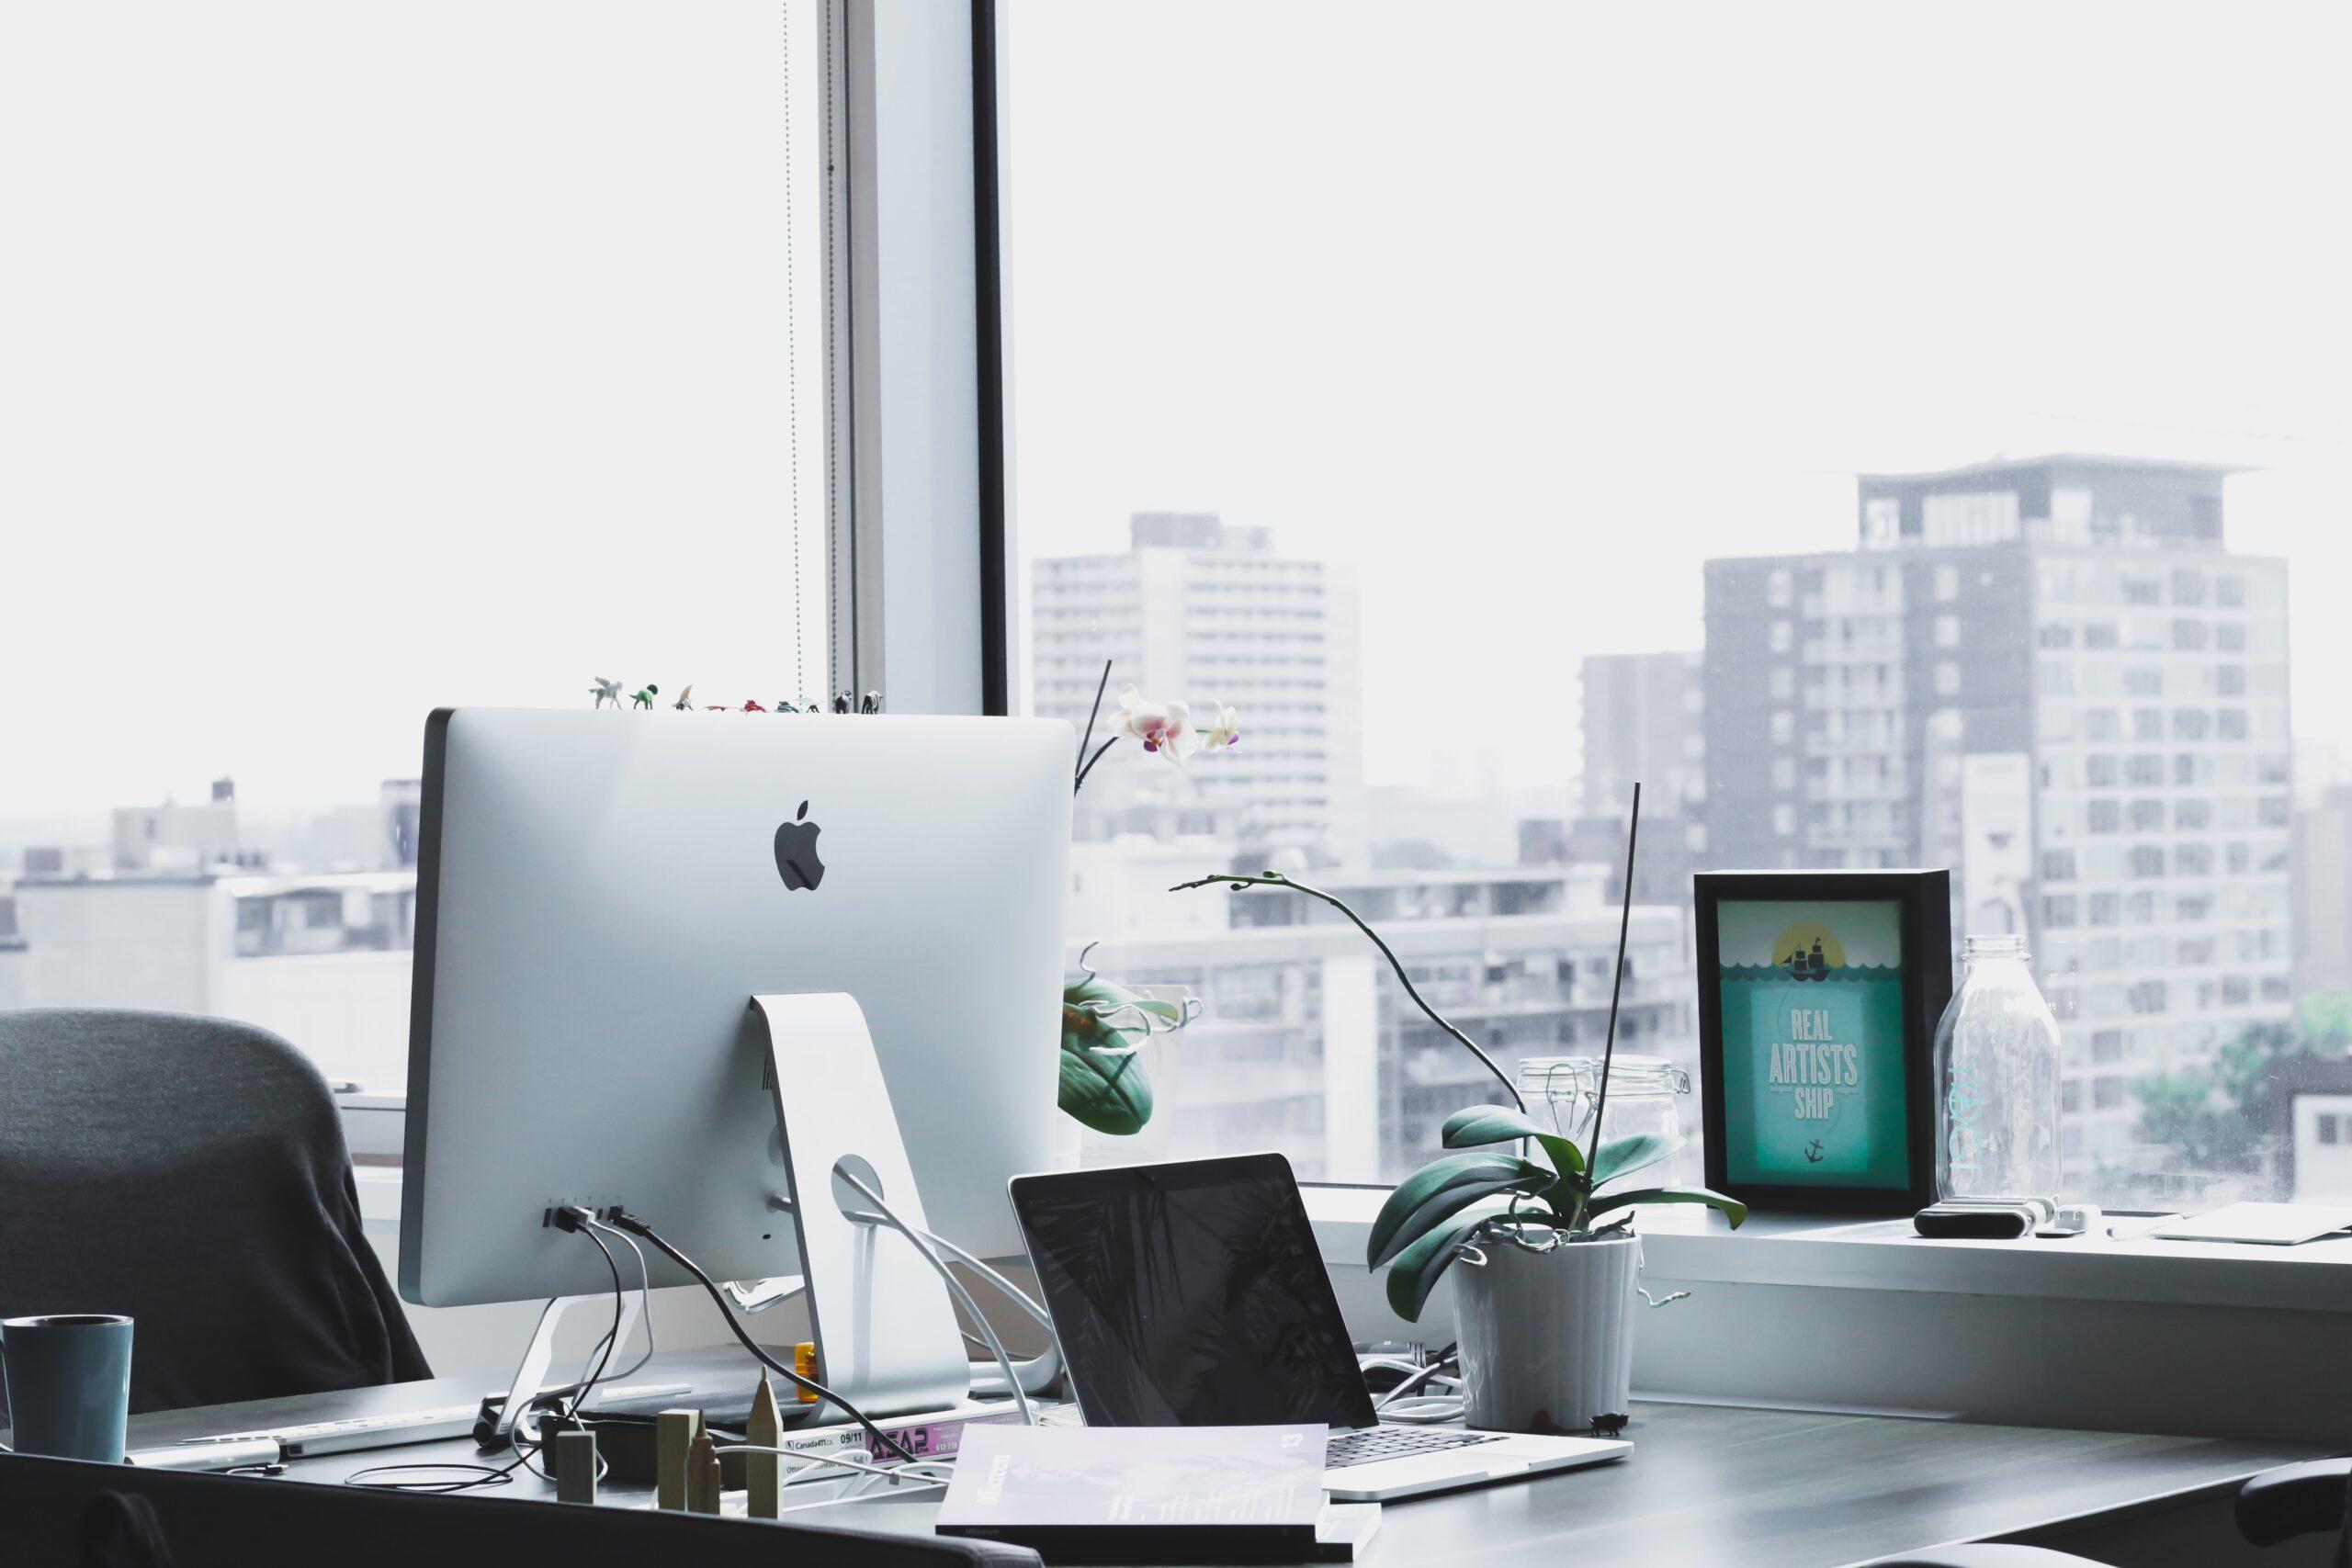 インフラエンジニアがホワイト企業で働ける5つの理由【求人の探し方】